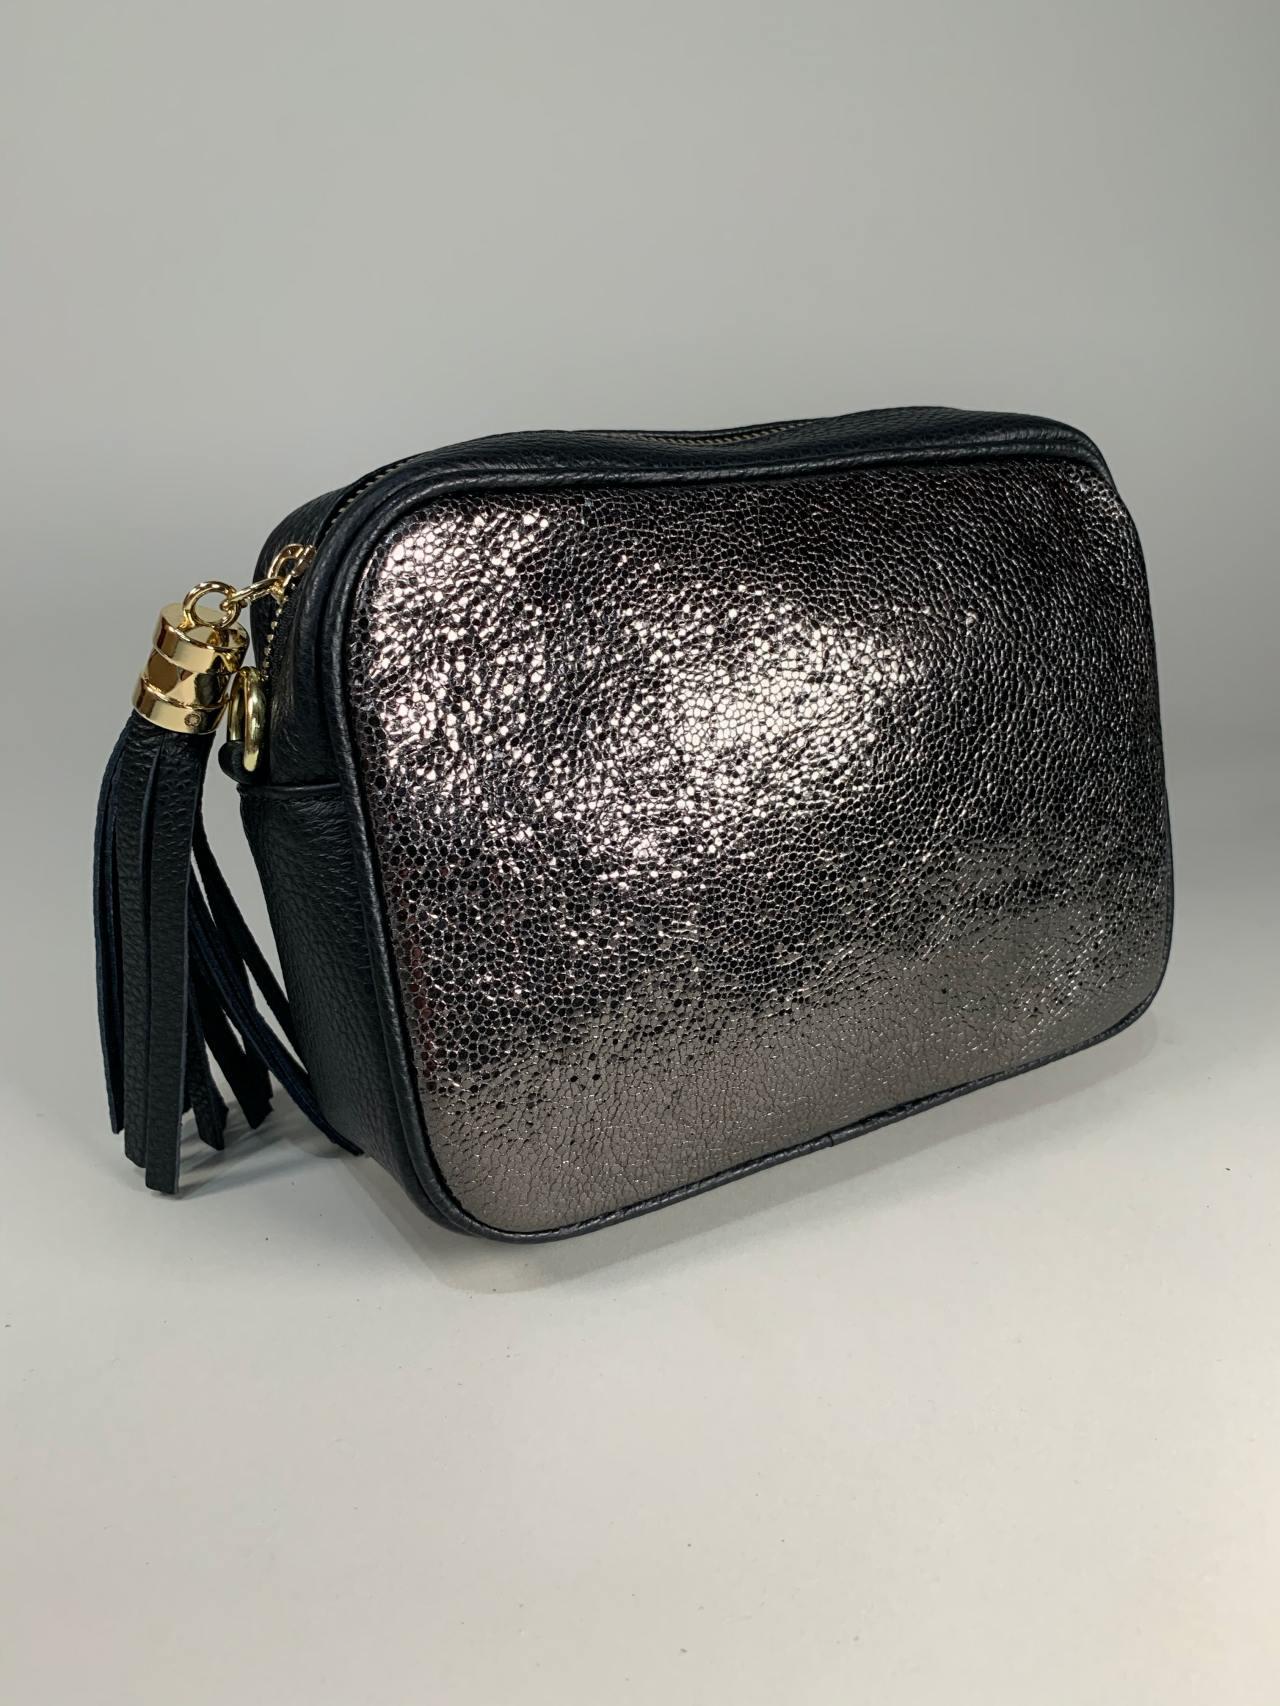 Kožená kabelka Lola černostříbrná -01